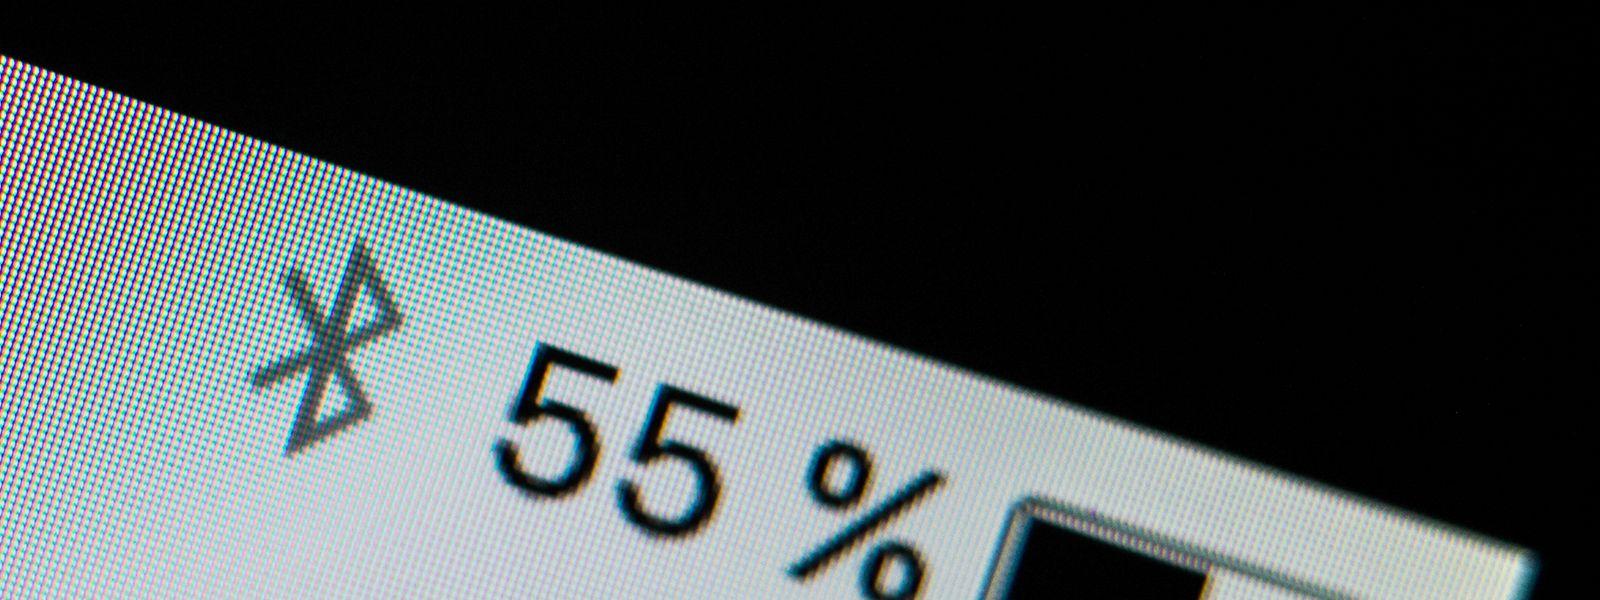 Das Bluetooth-Zeichen taucht oben im Handydisplay auf, sobald das Funkmodul aktiviert wird.